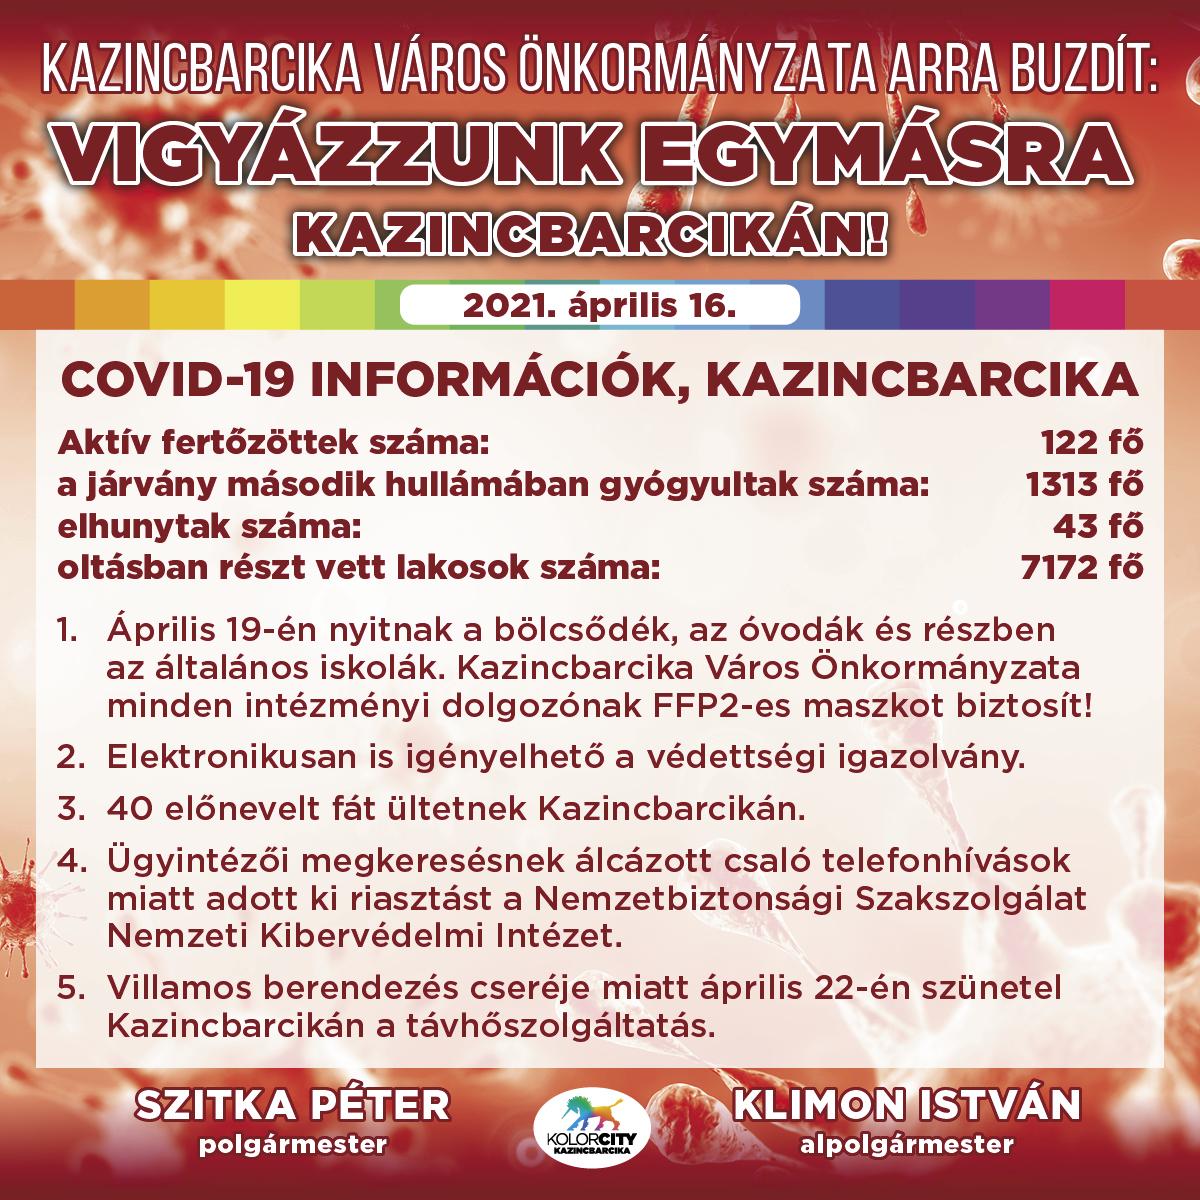 https://kolorline.hu/Vigyázzunk egymásra Kazincbarcikán! – 2021. április 16.